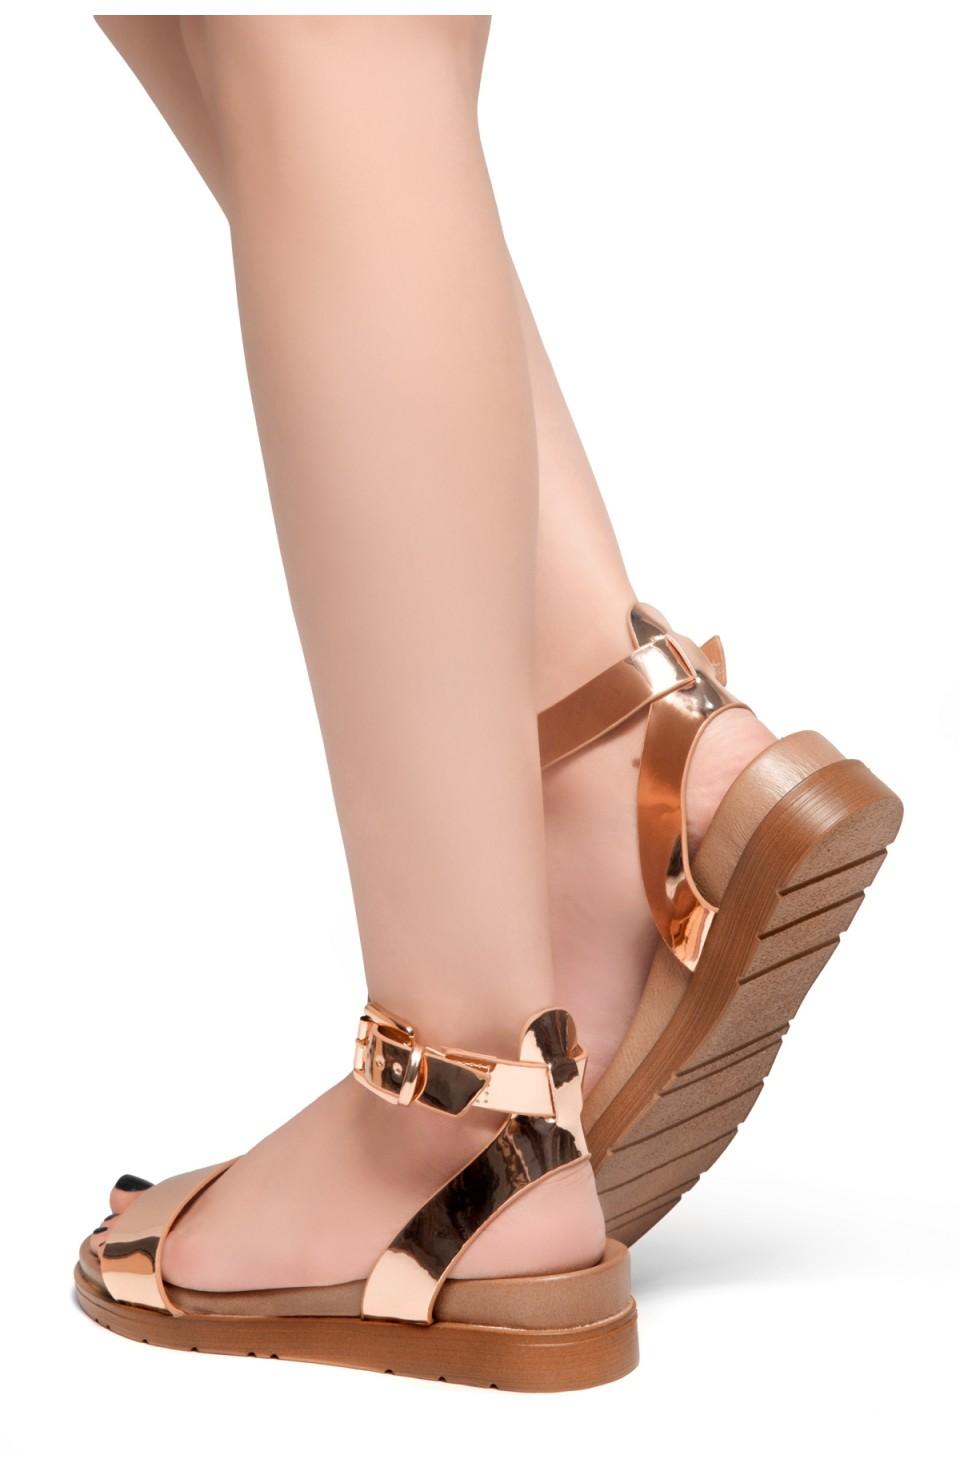 HerStyle Needed Me- Ankle Strap Flat Platform Sandal (RoseGold)